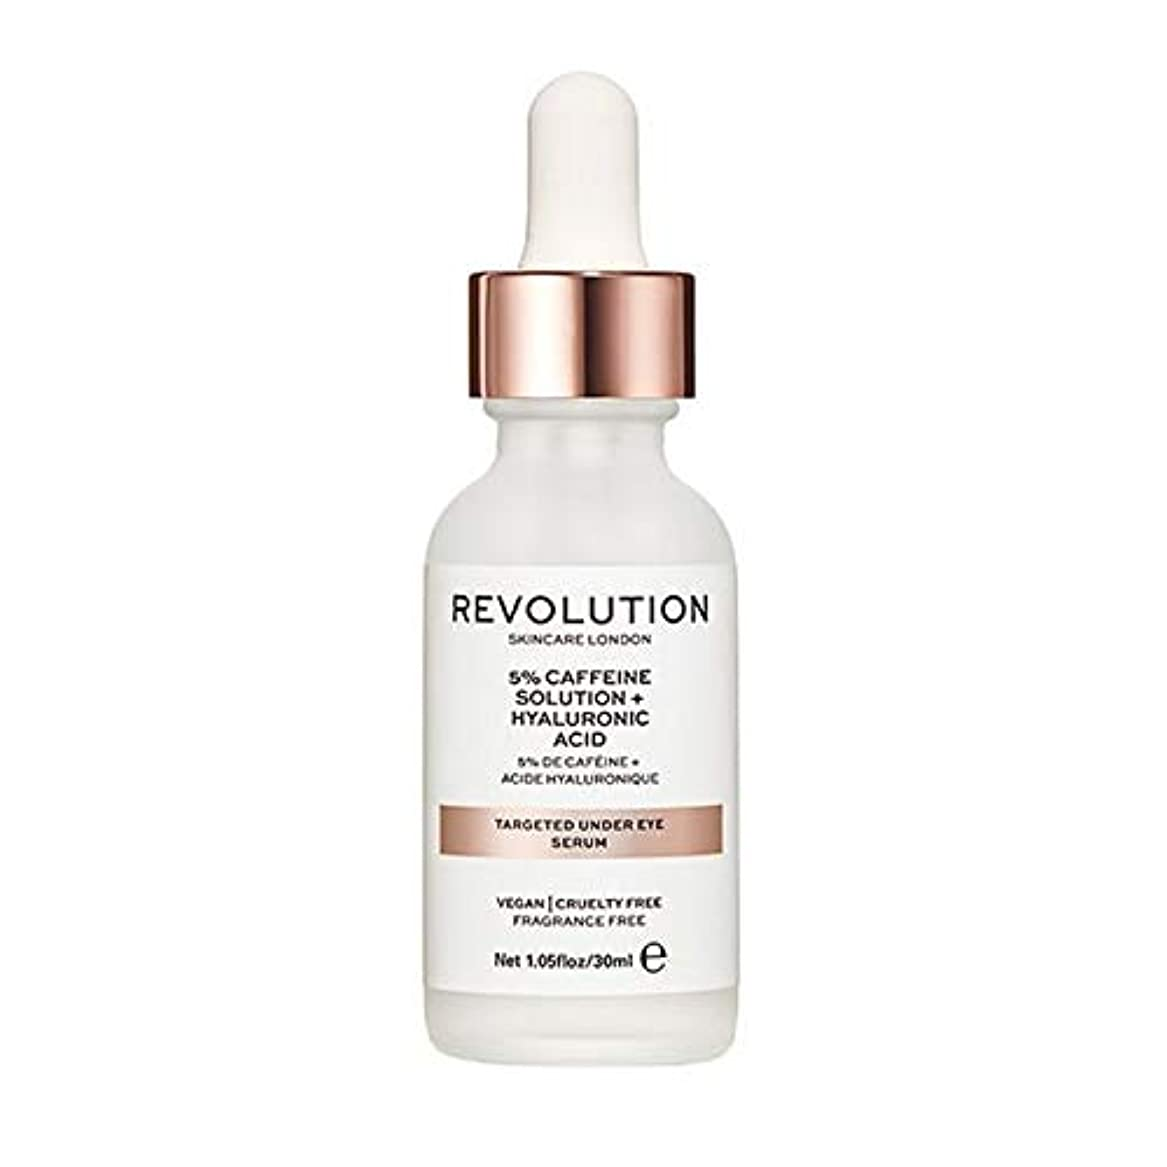 活気づくラケットしゃがむ[Revolution ] 目の血清の下で目標回転スキンケア - Revolution Skincare Targeted Under Eye Serum [並行輸入品]